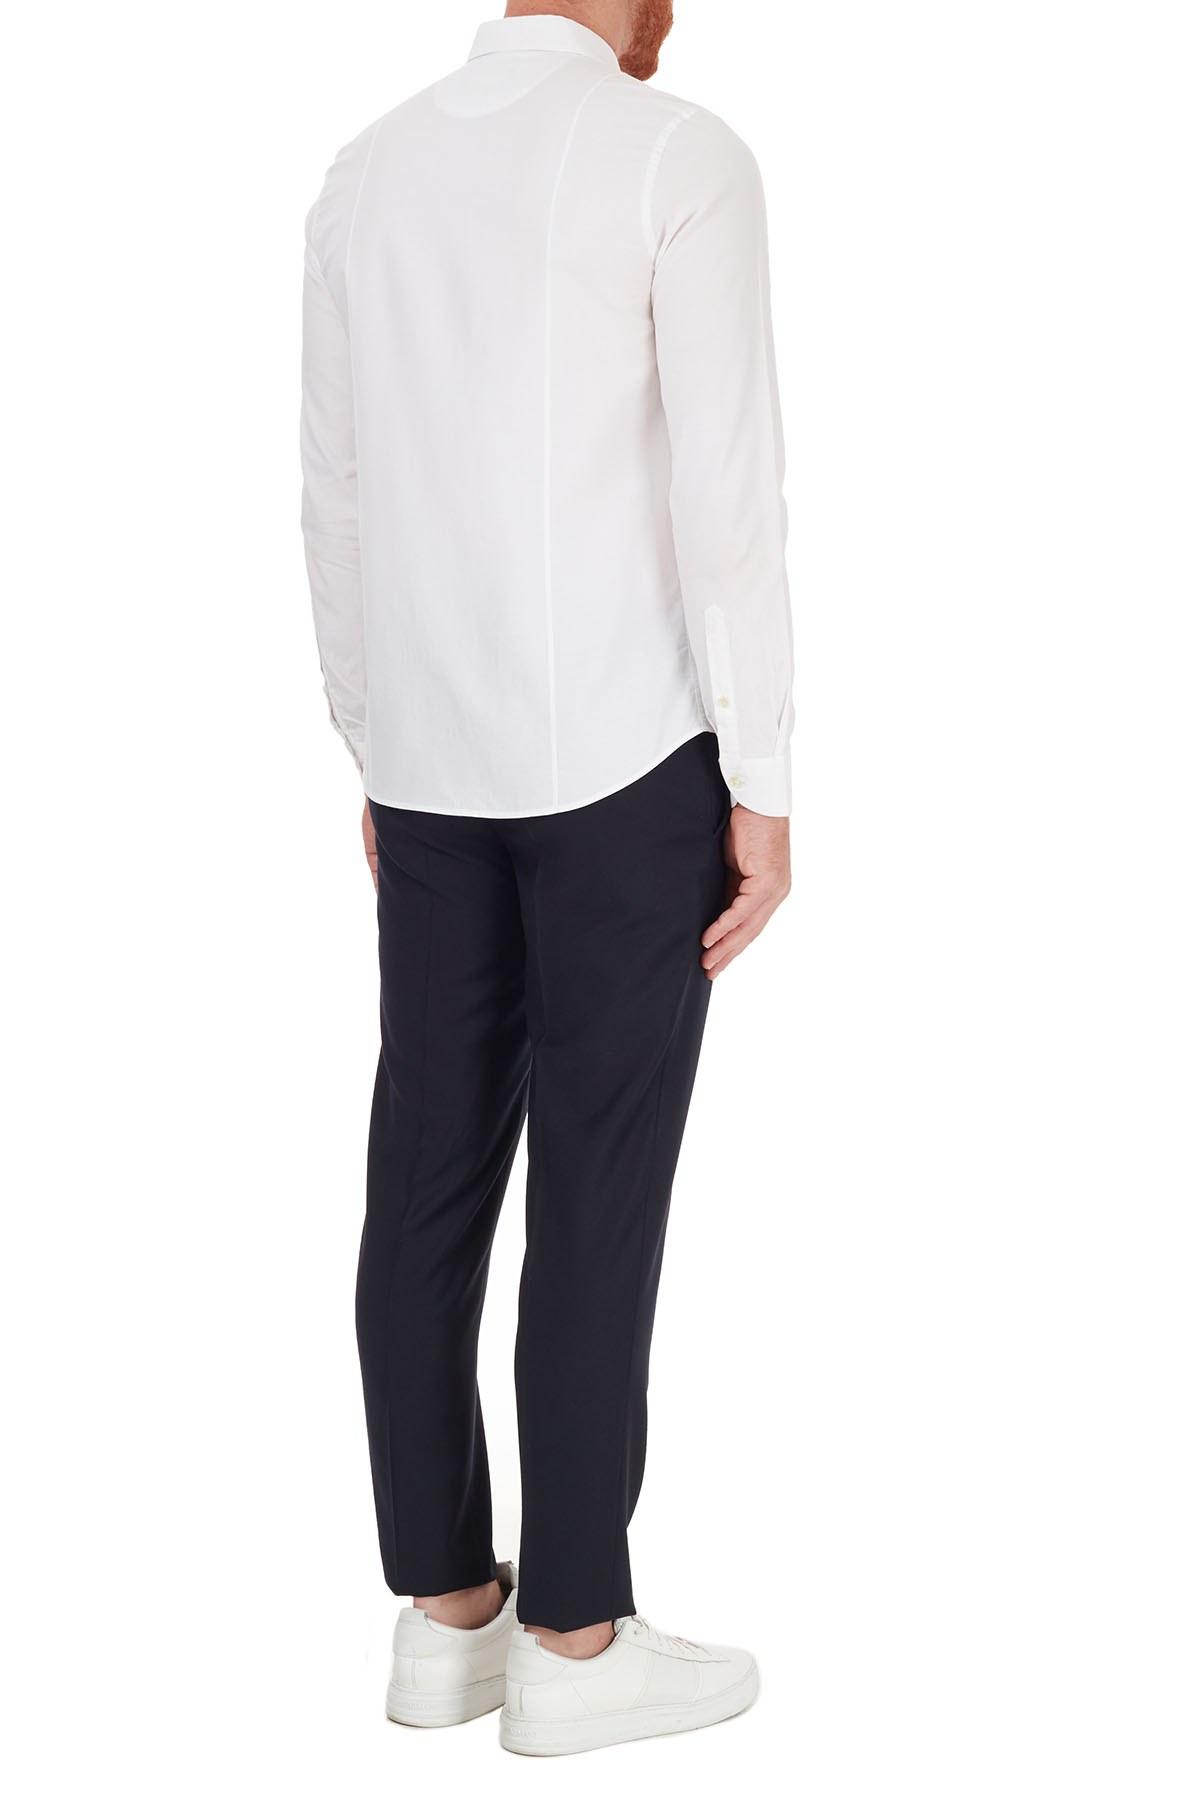 Hugo Boss Slim Fit Beli Bağcıklı Yünlü Erkek Pantolon 50440817 401 LACİVERT